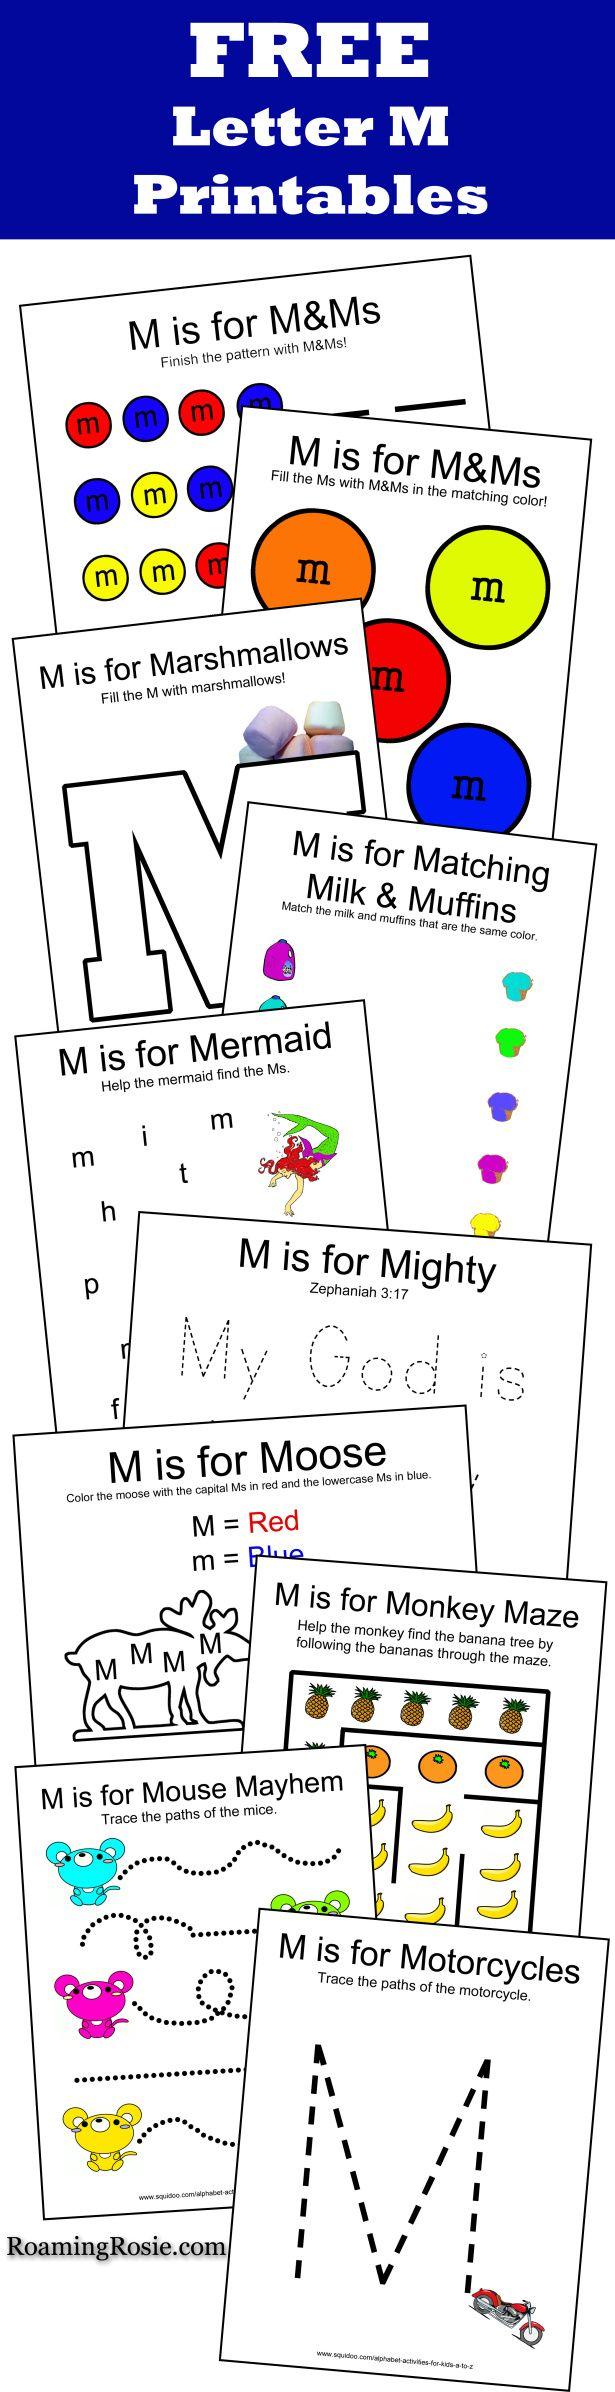 free letter m printables alphabet activities for kids letter m alphabet worksheets. Black Bedroom Furniture Sets. Home Design Ideas